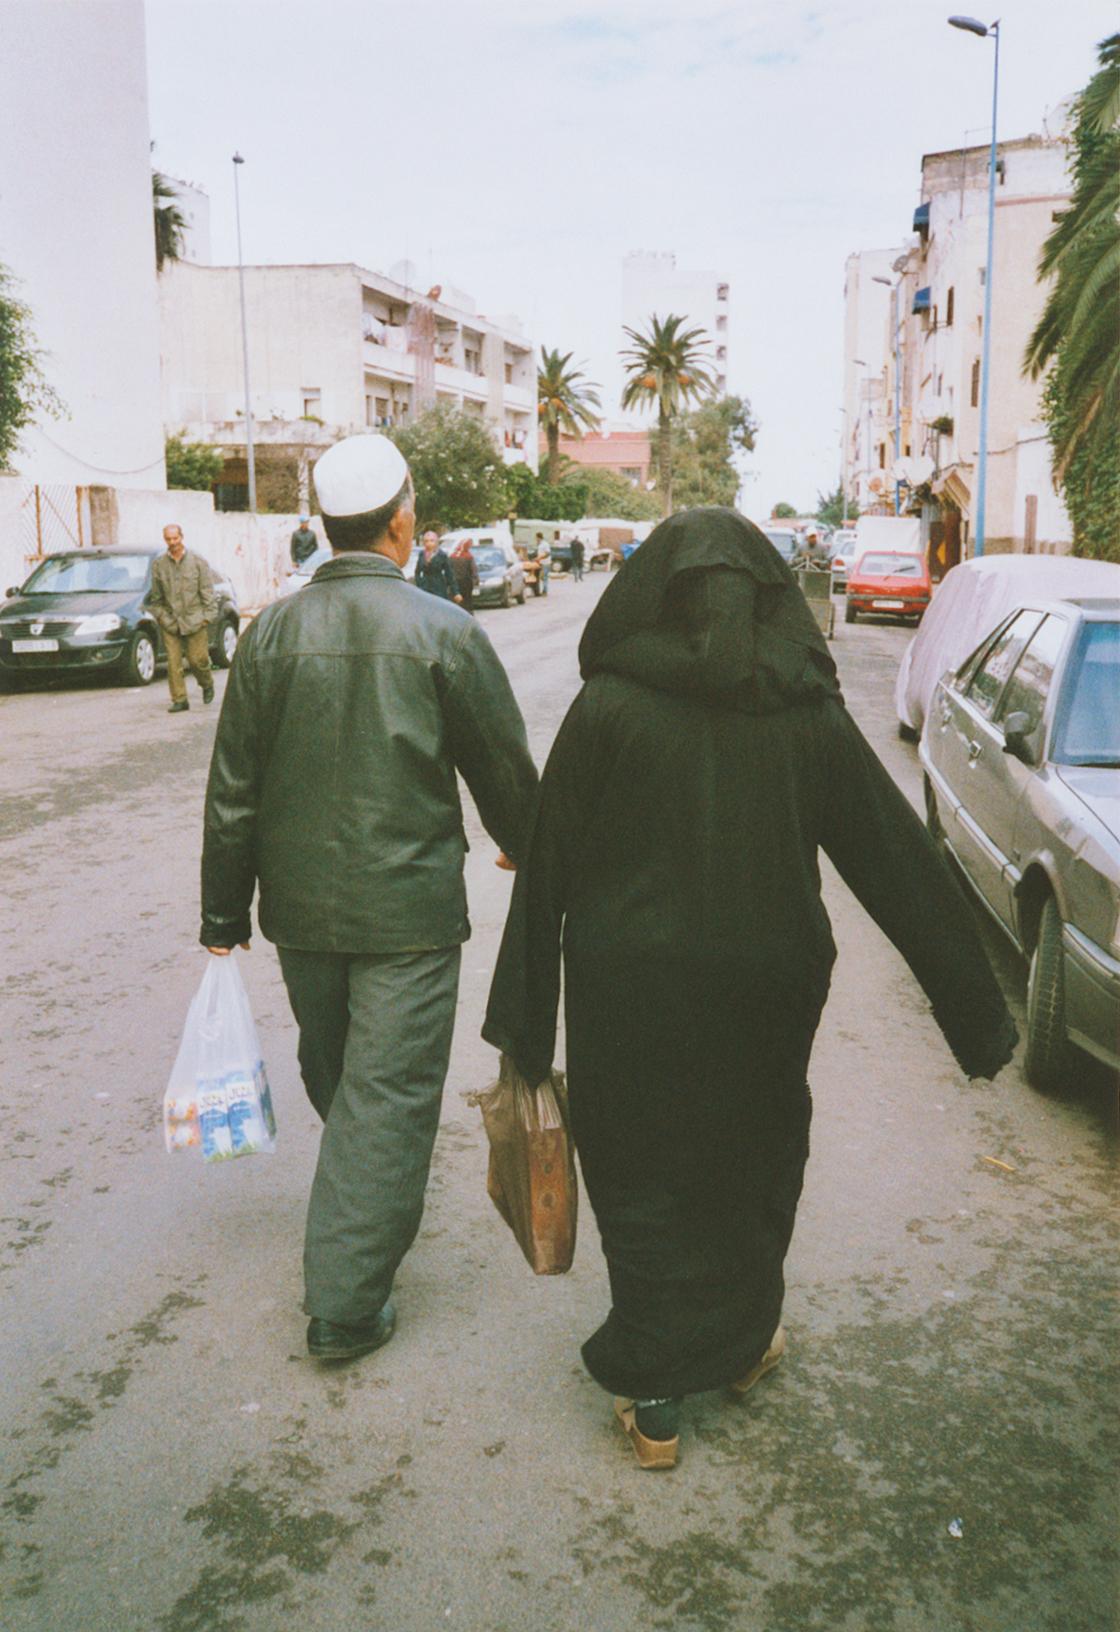 marokko17.jpg